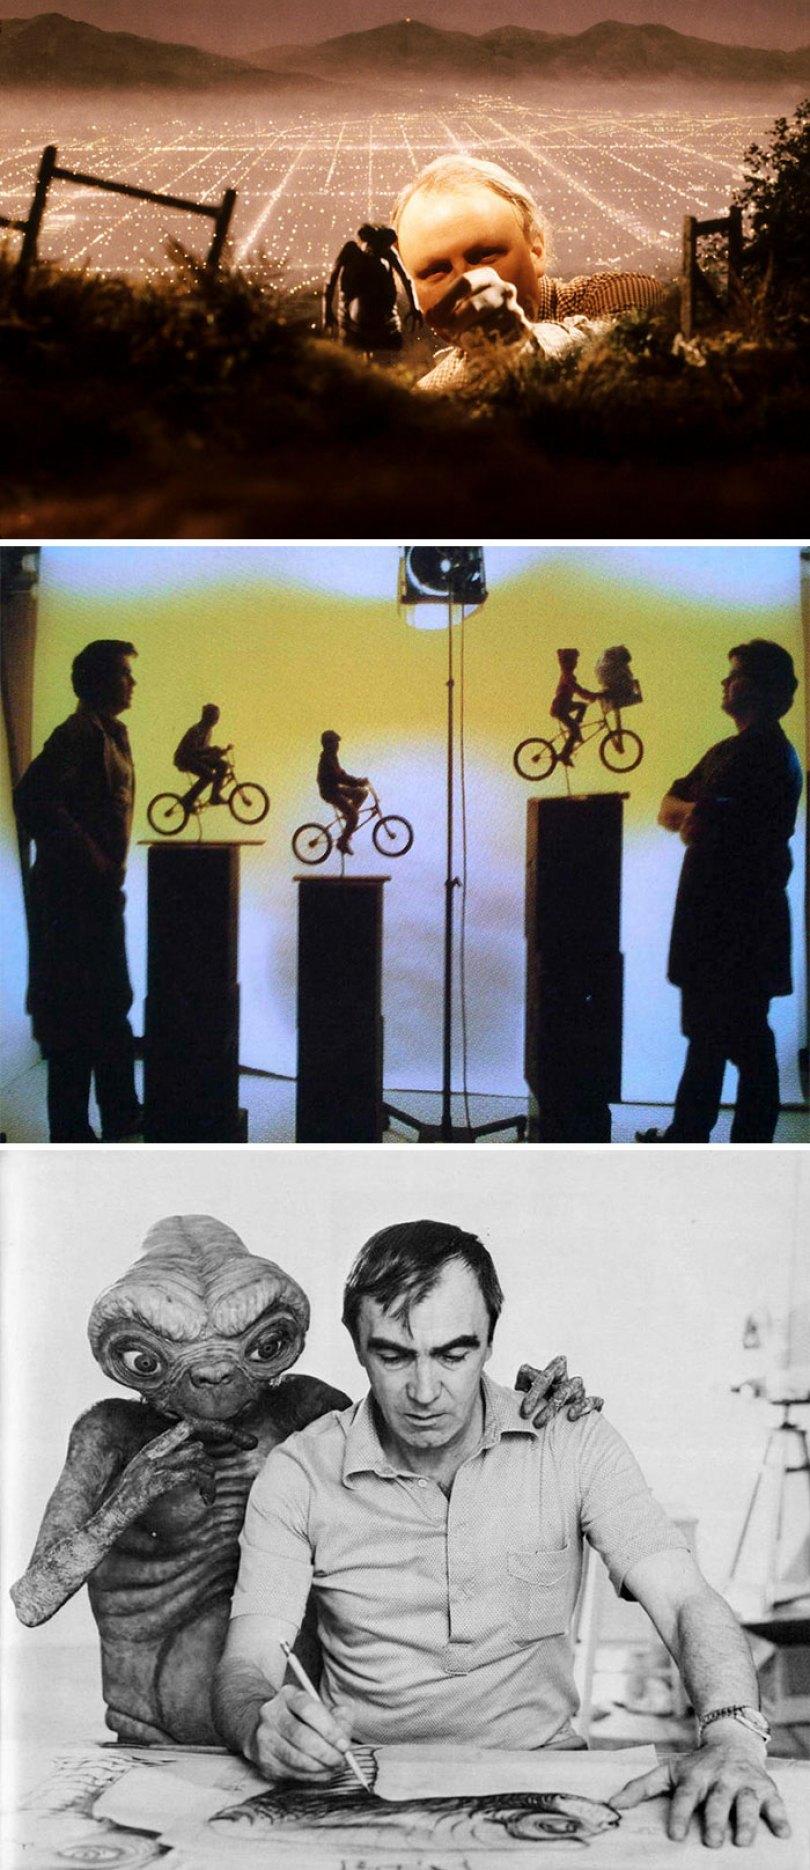 movies behind the scenes 137 5a868f47de283  700 - Por trás das cenas: Foto dos bastidores de filmes que marcaram época